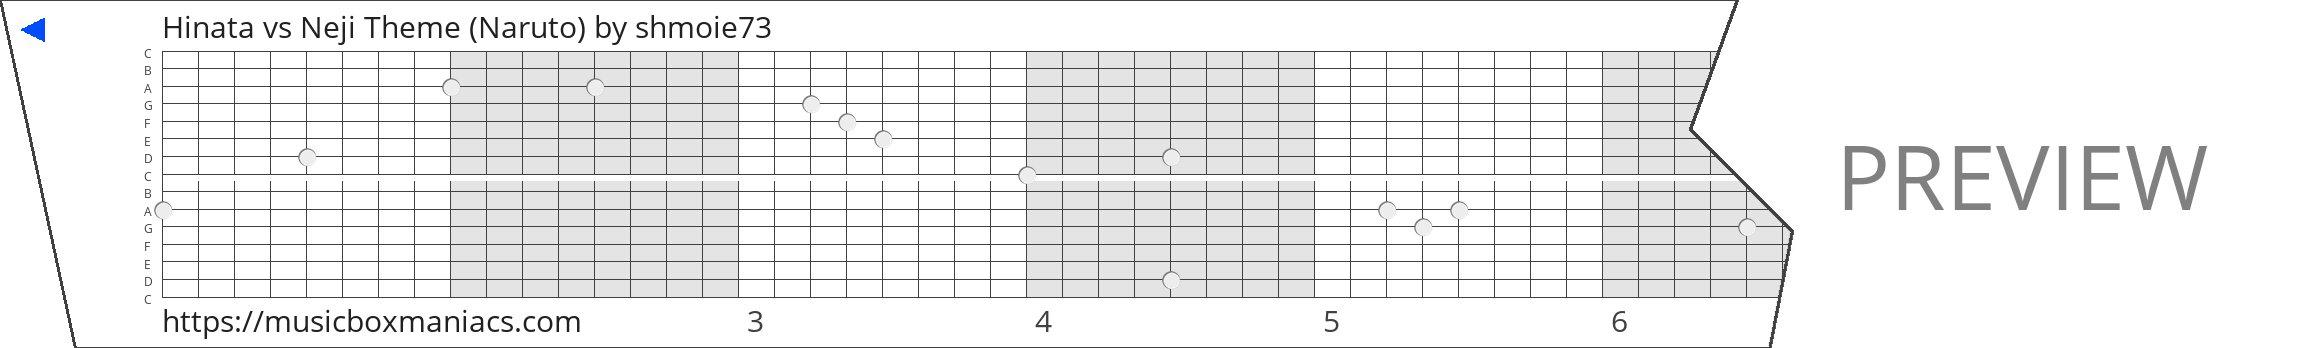 Hinata vs Neji Theme (Naruto) 15 note music box paper strip